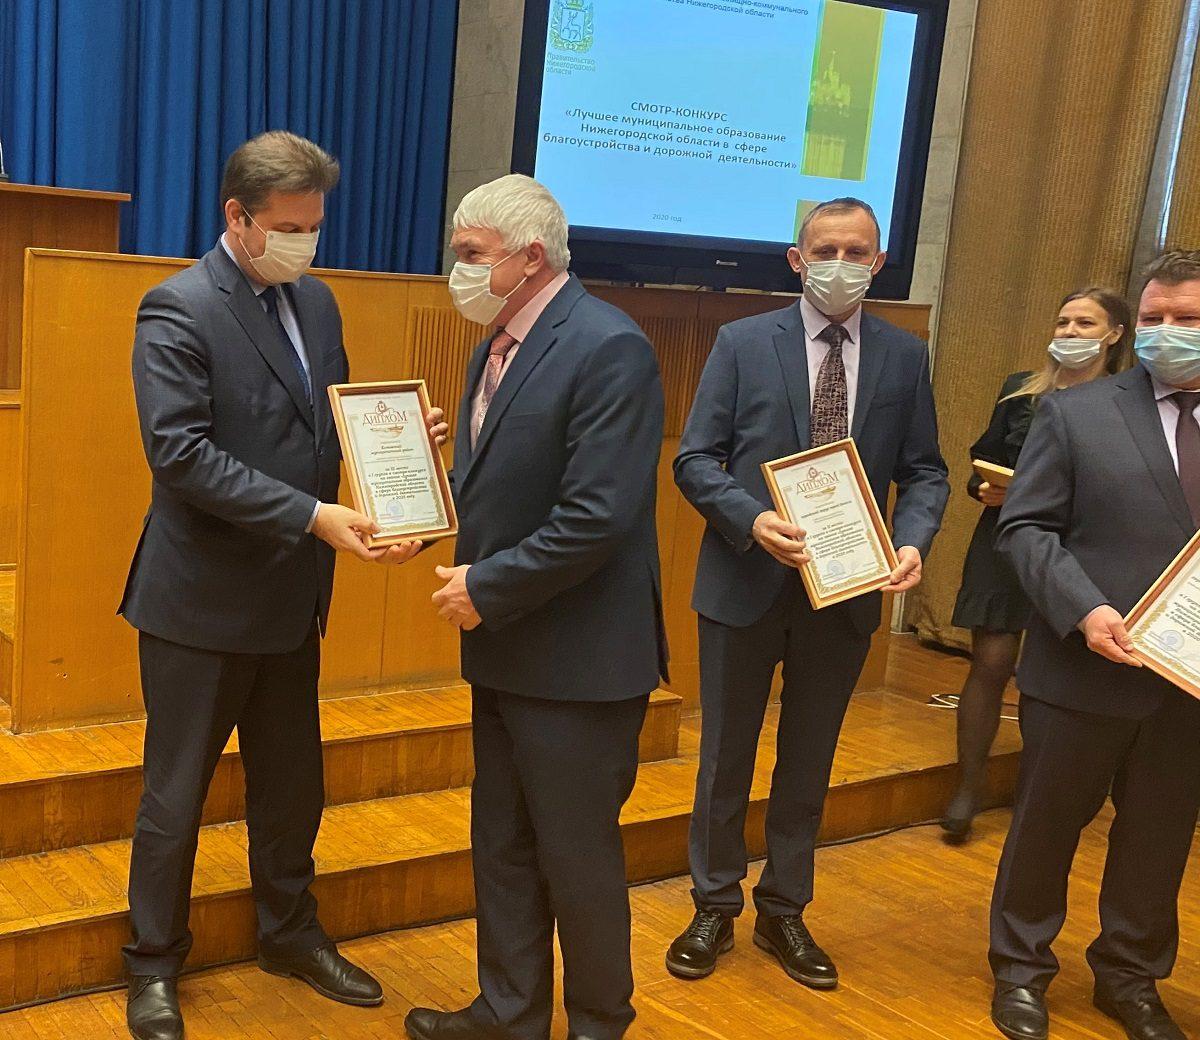 Лучшие муниципальные образования всфере благоустройства идорожной деятельности выбрали вНижегородской области